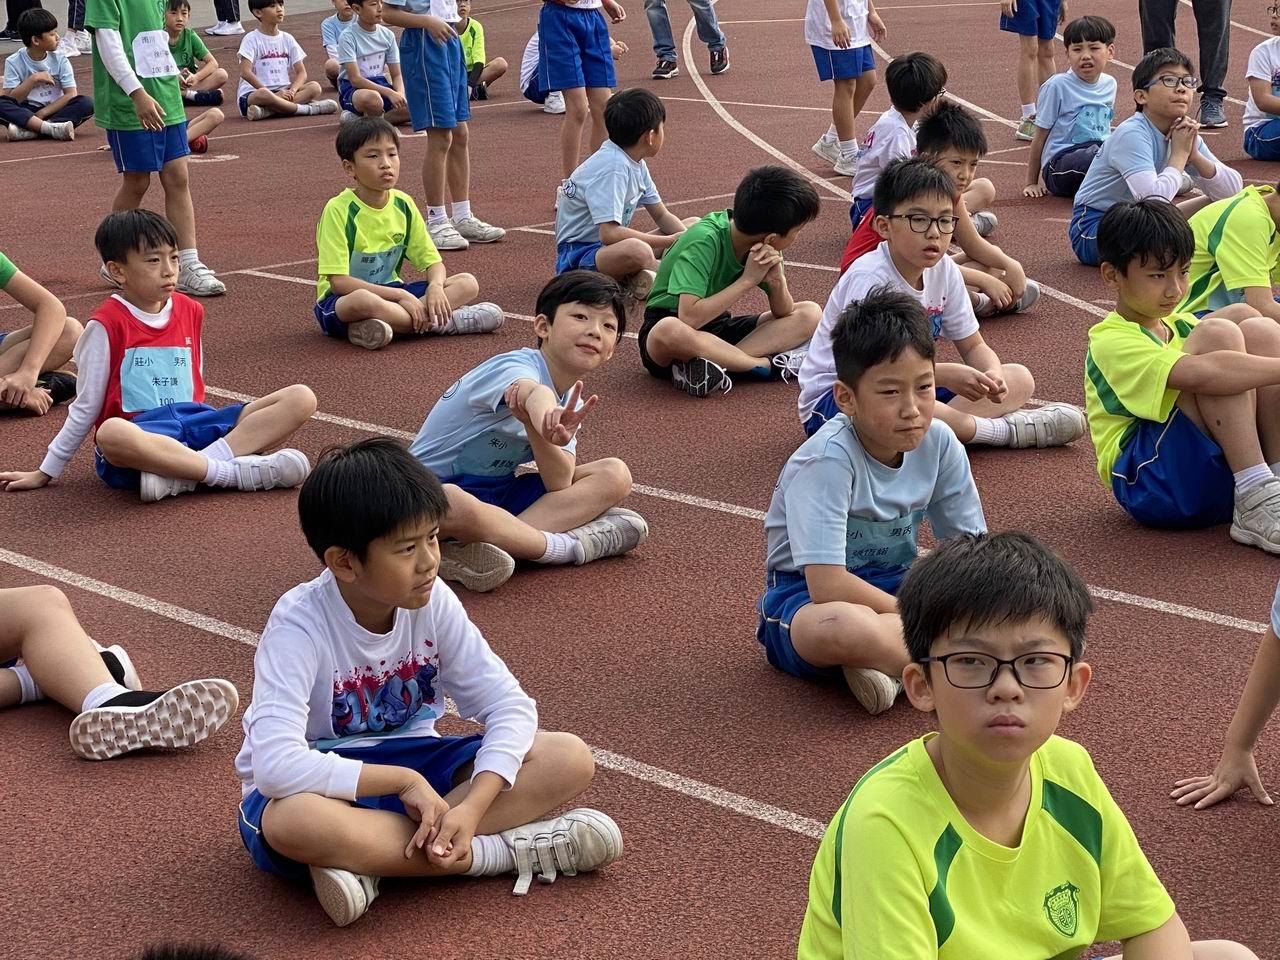 https://www.plkcjy.edu.hk/sites/default/files/img_8950.jpg